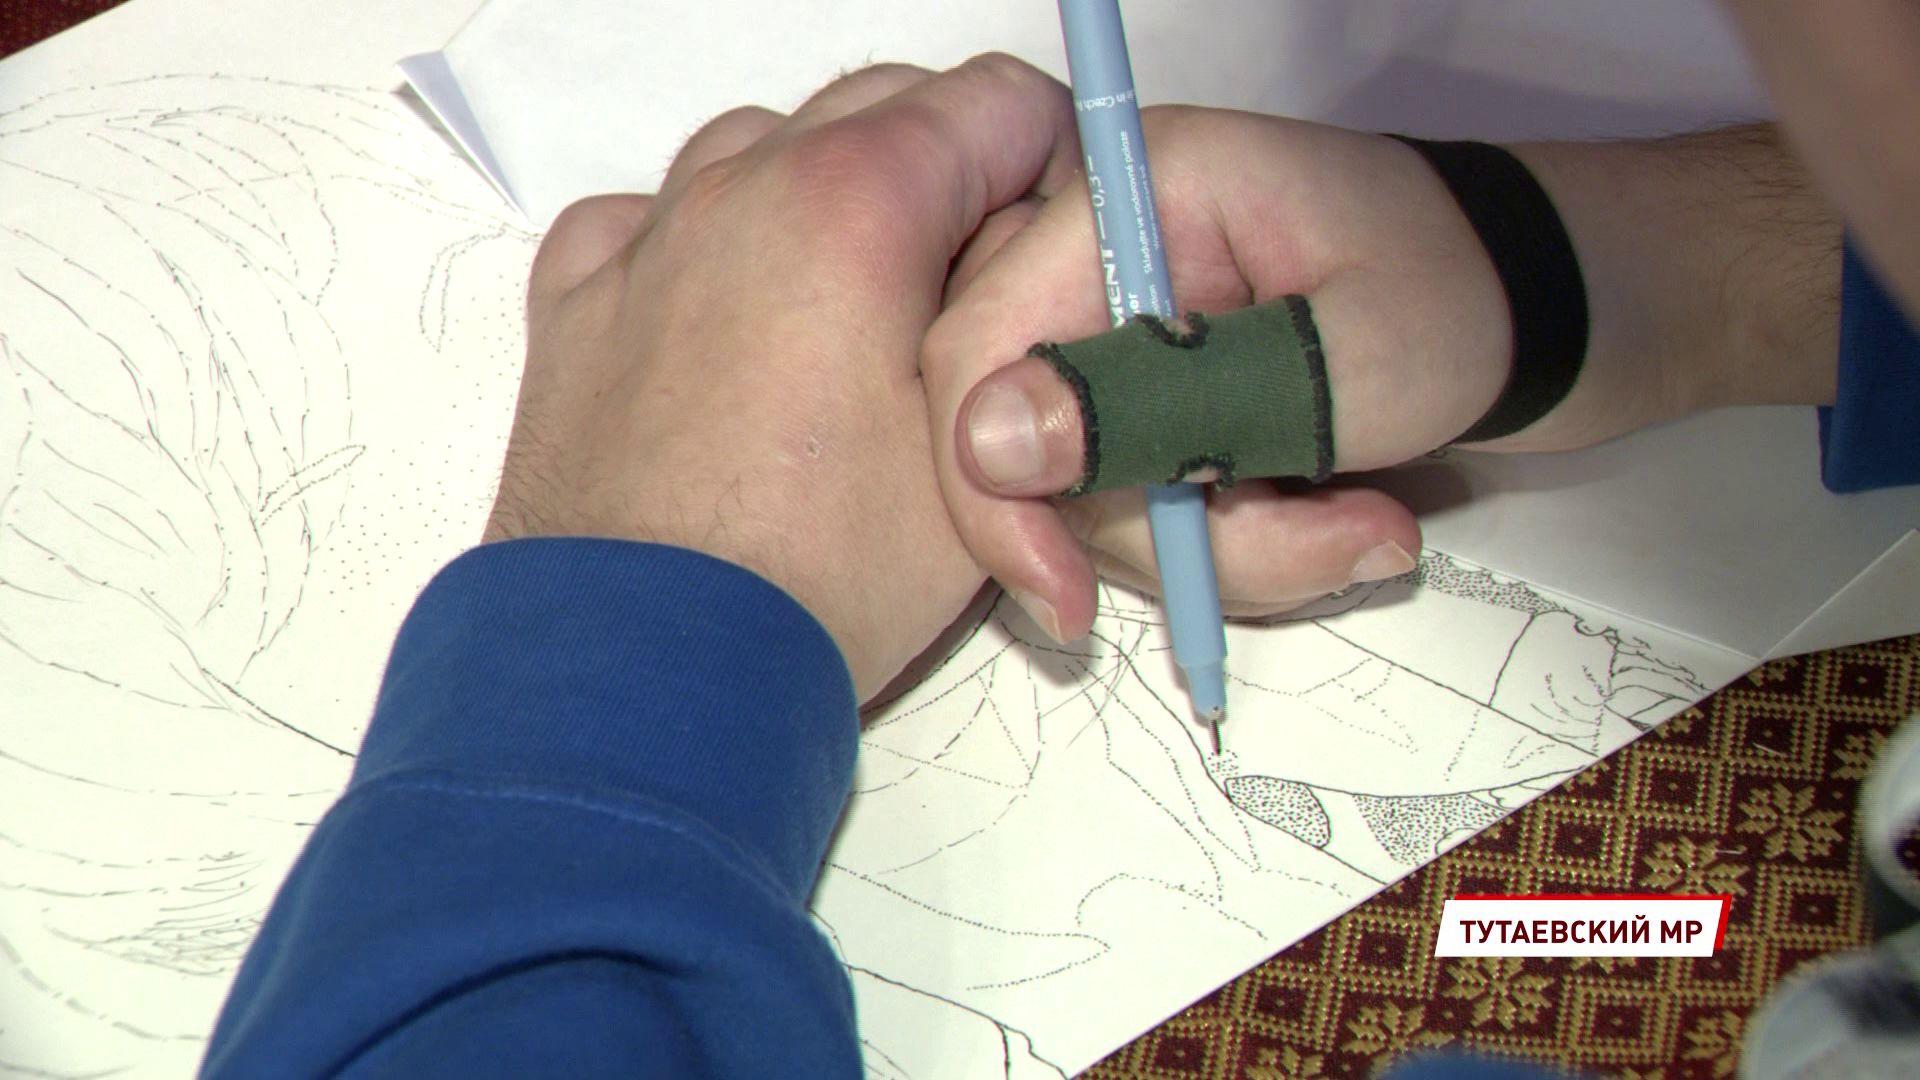 Ярославец с работами в монохромном пуантилизме стал одним из победителей конкурса «Преодоление»